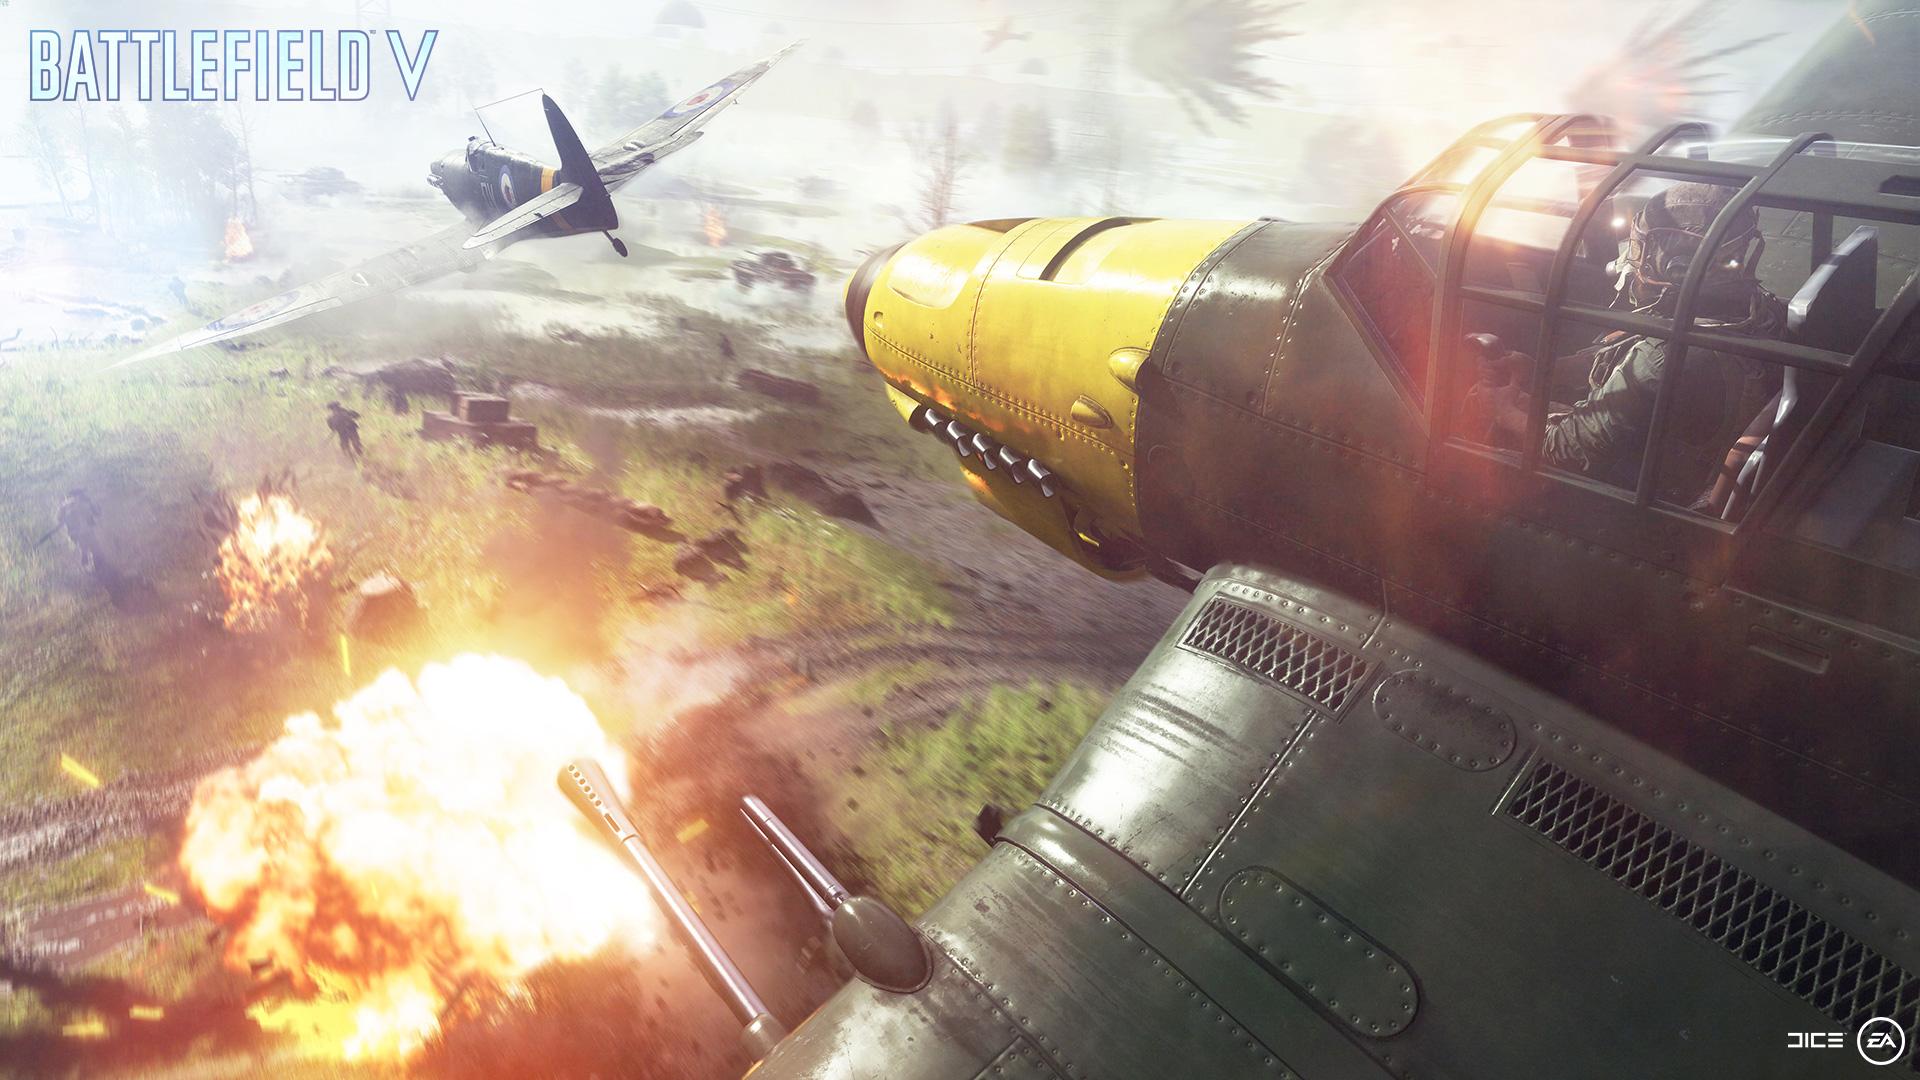 http://www.idgtv.es/archivos/201805/battlefield-v-img7.jpg